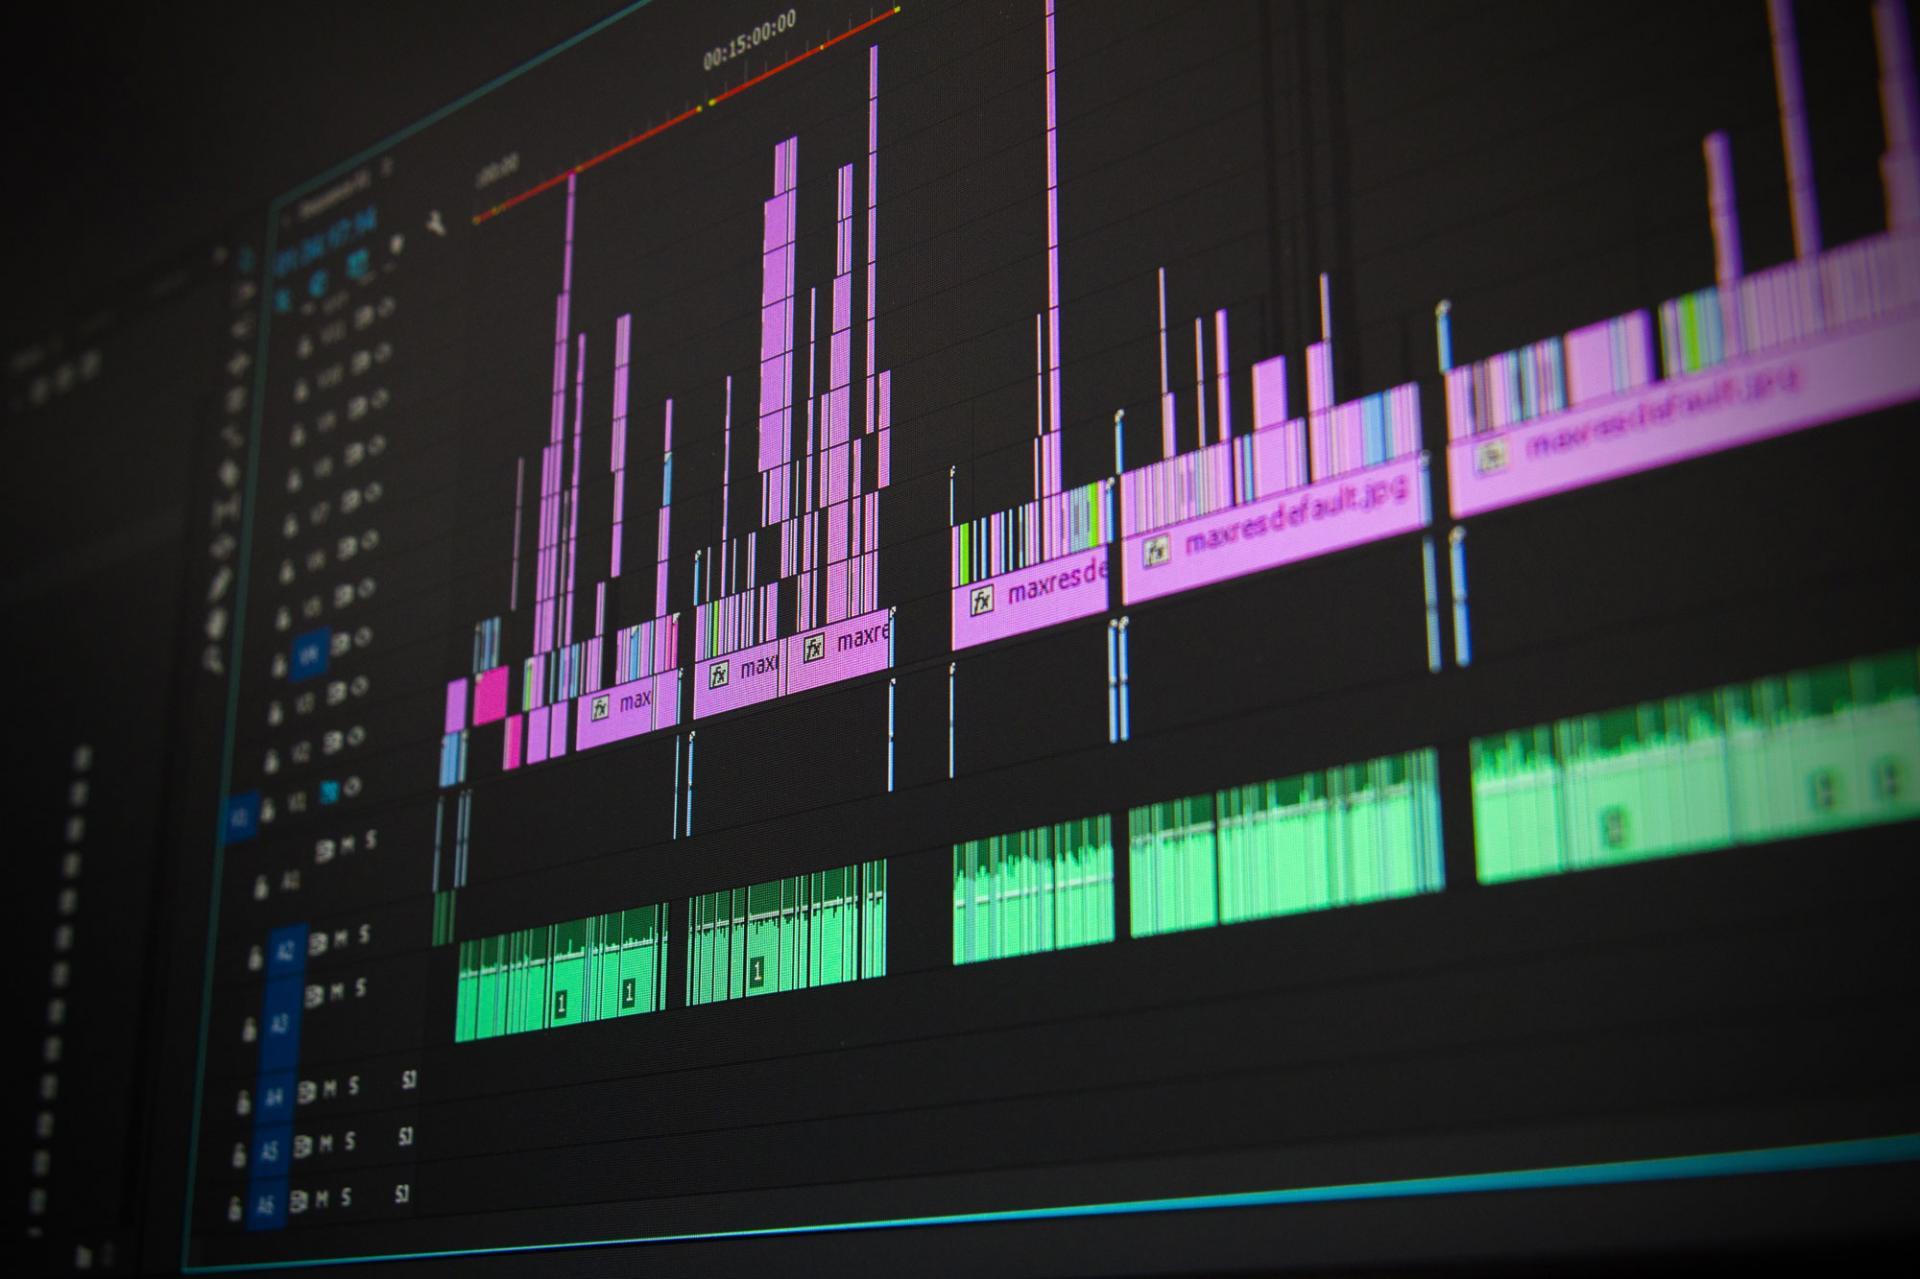 Как записать музыку и звук с компьютера: 5 простых программ